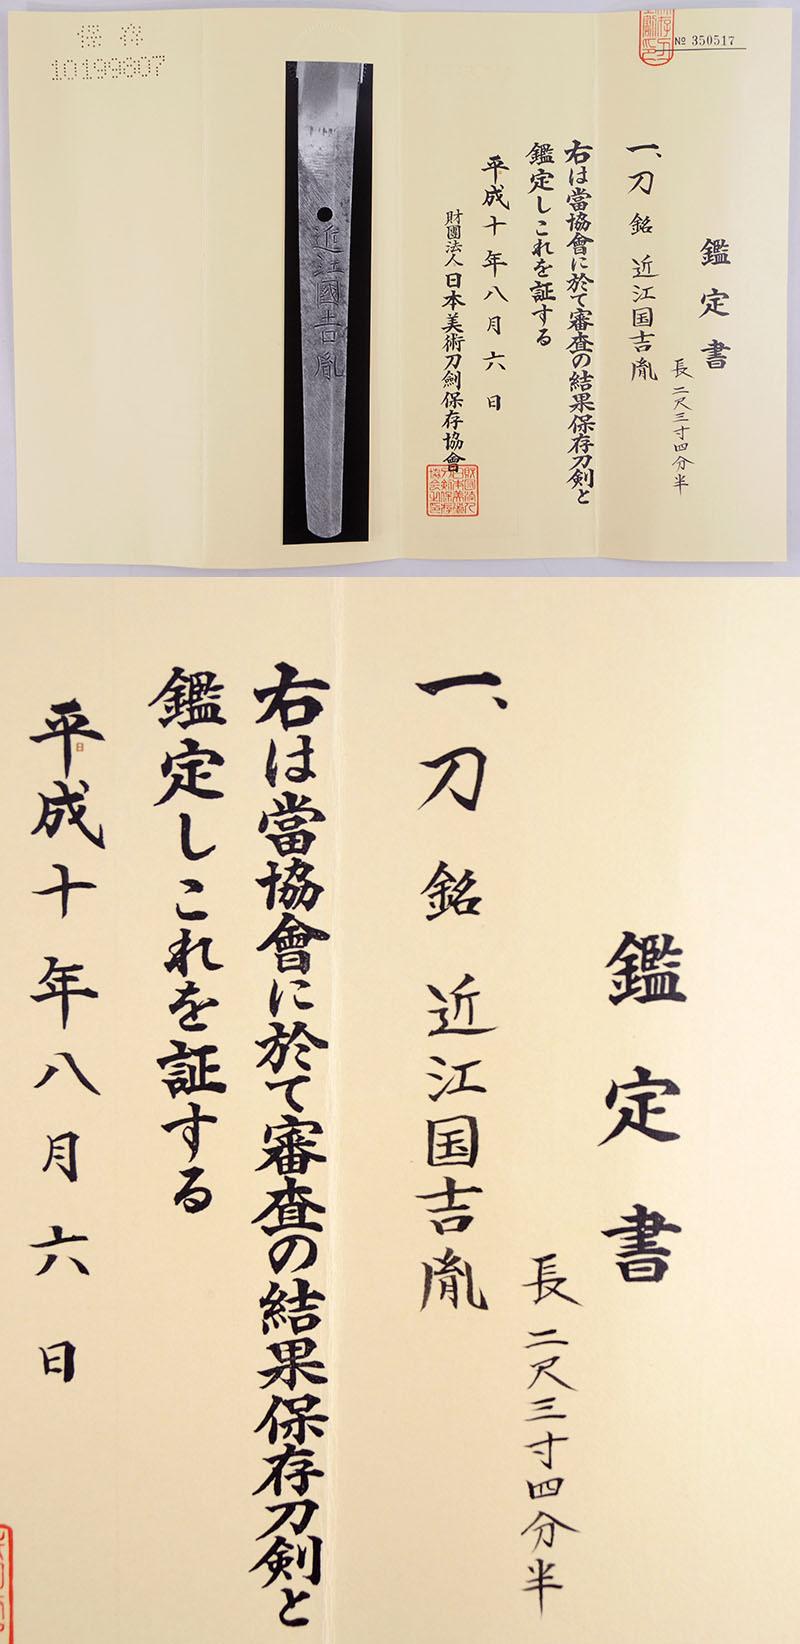 近江国吉胤 Picture of Certificate